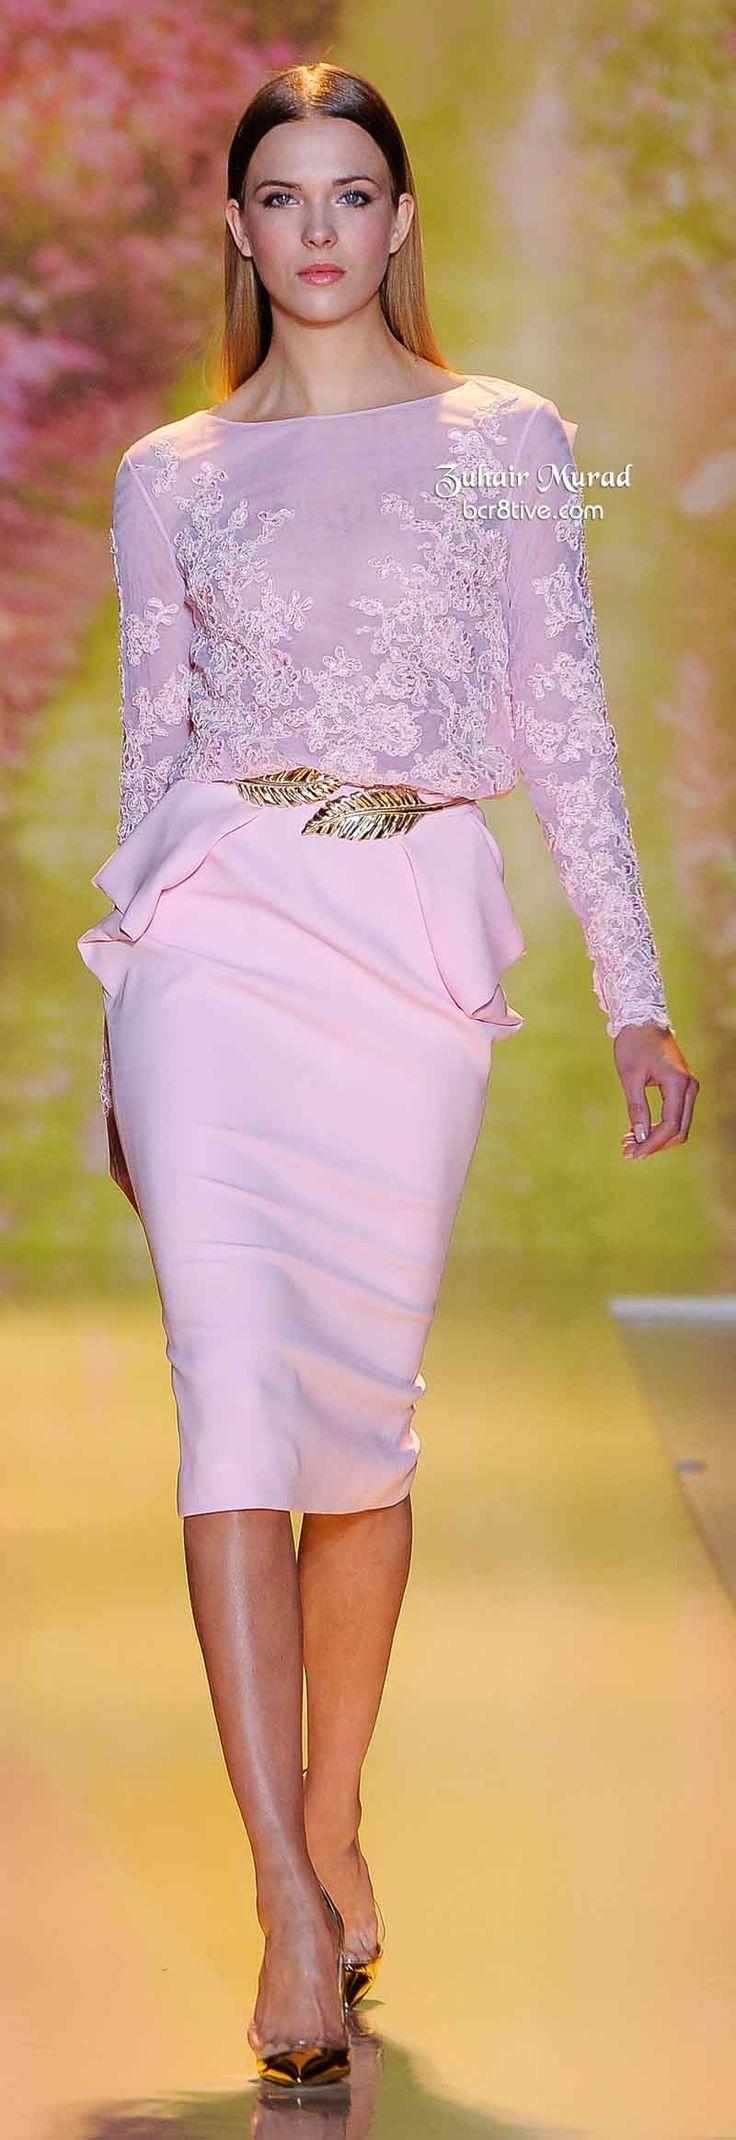 468 best vestidos de festa images on Pinterest | Couture collection ...